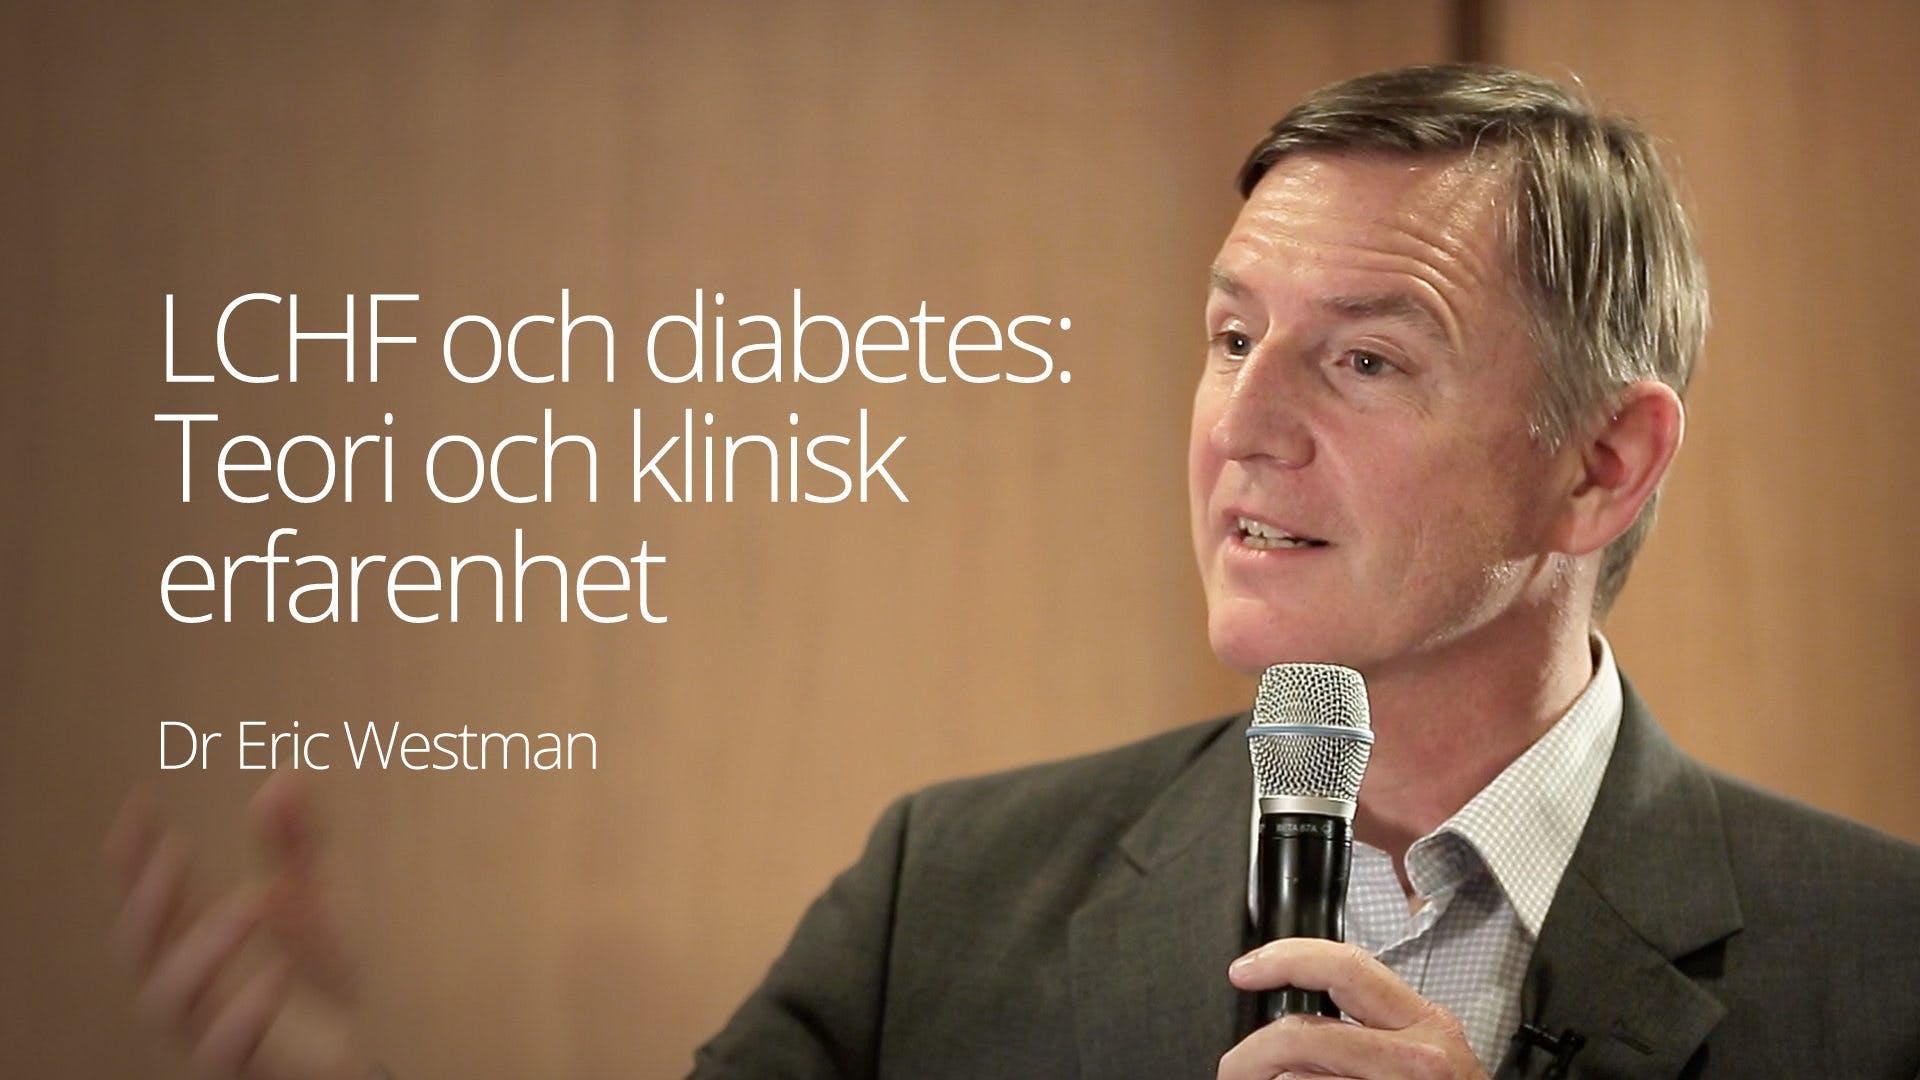 LCHF och diabetes: Teori och klinisk erfarenhet